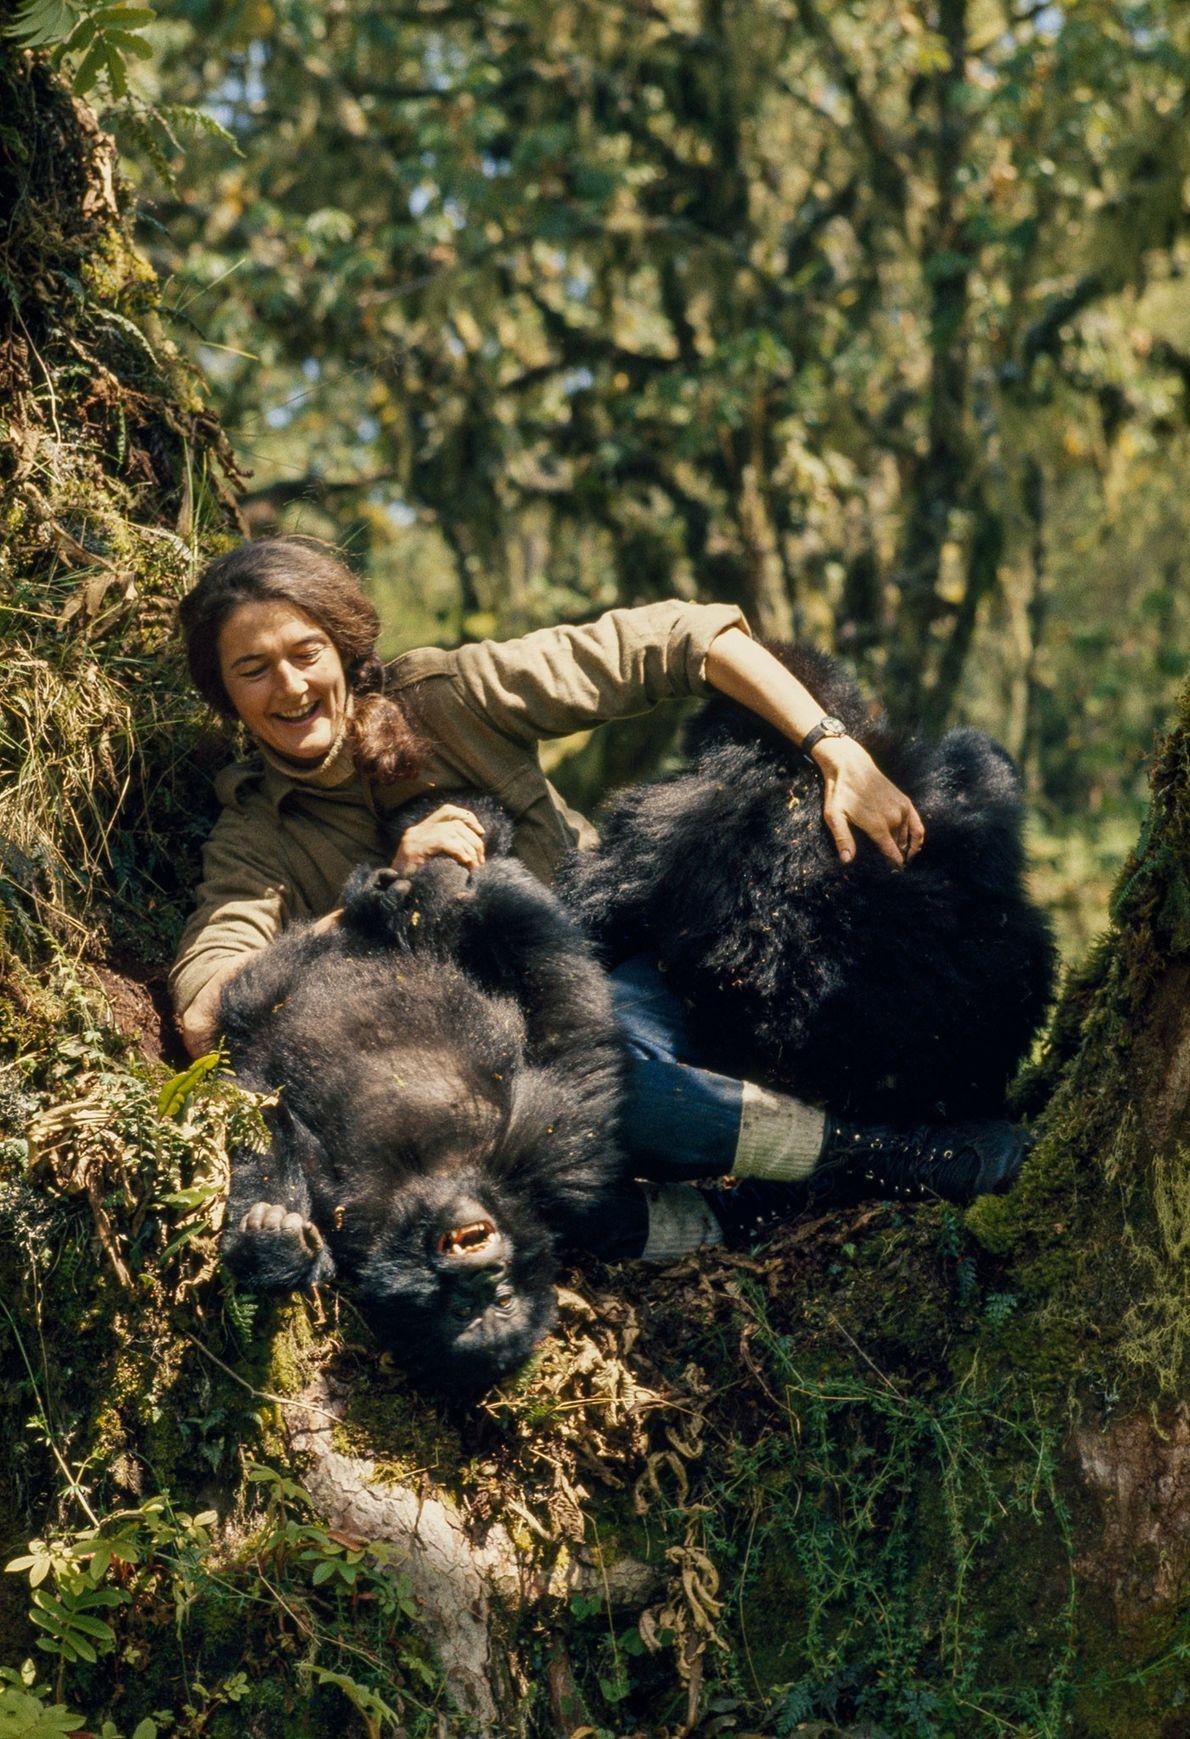 Com sua abordagem prática e ativa da conservação, Fossey mudou a forma pela qual os ameaçados ...